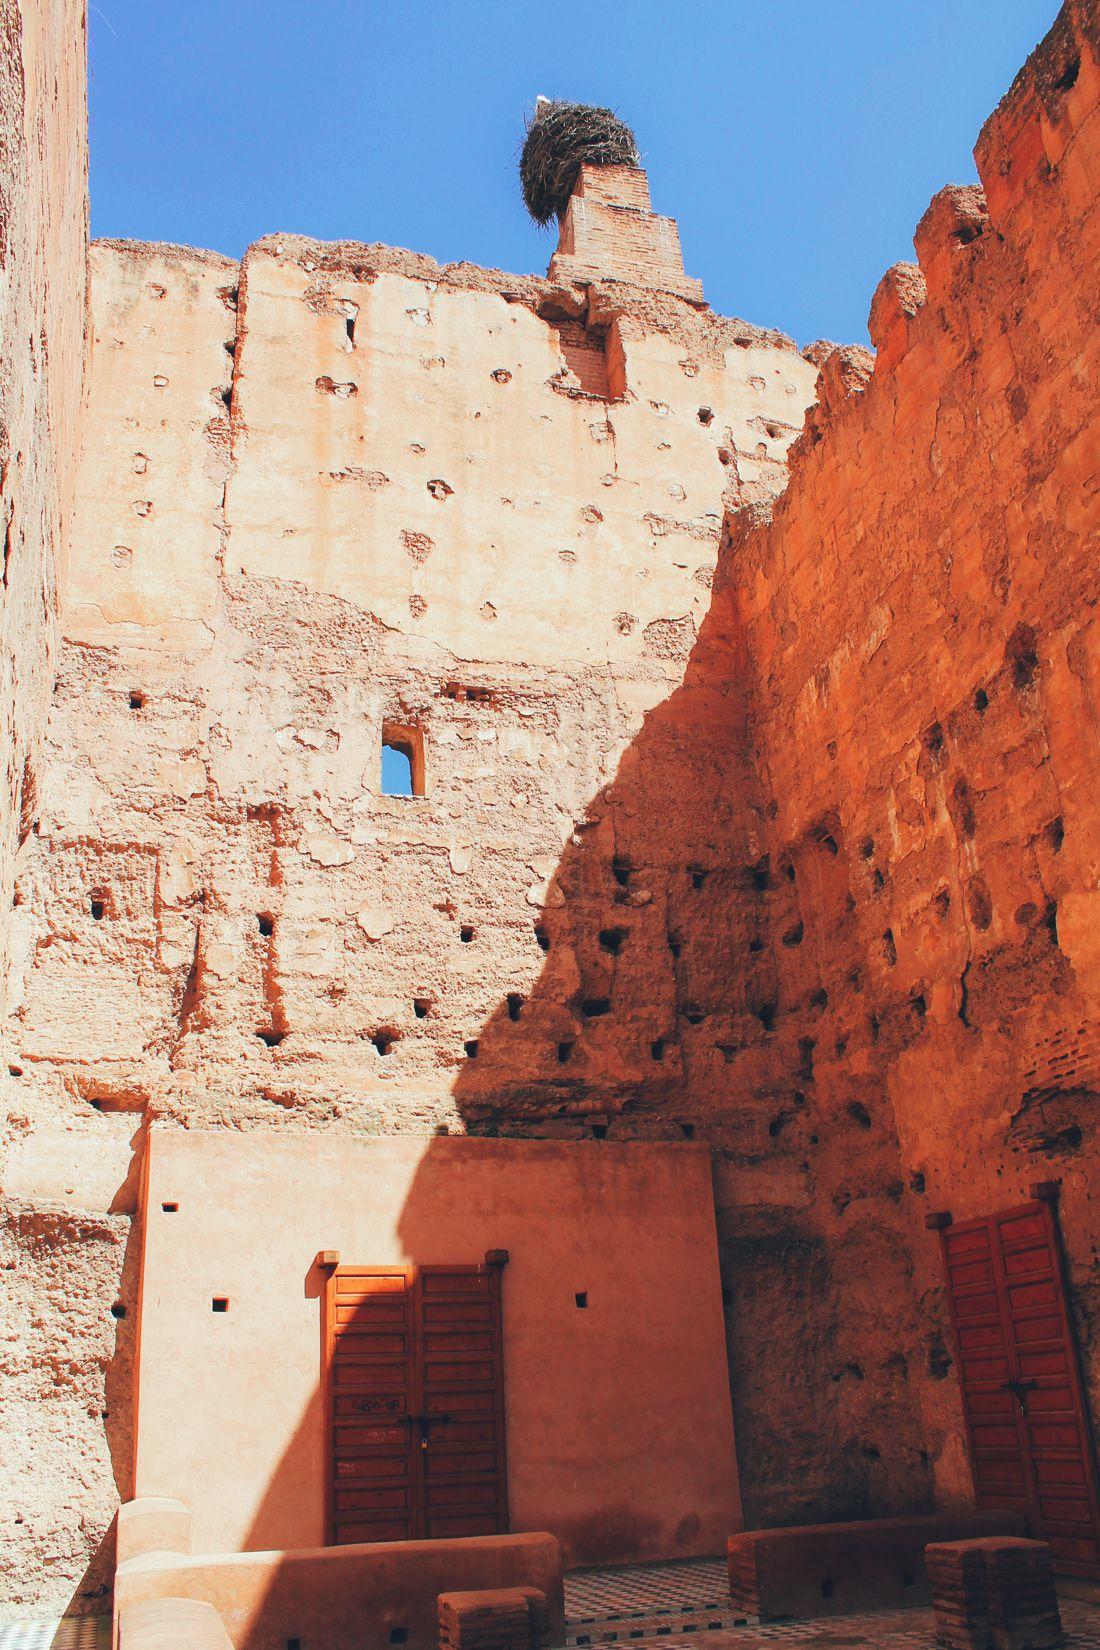 Arabian Adventures - Exploring El Badi Palace Ruins, Morocco (19)